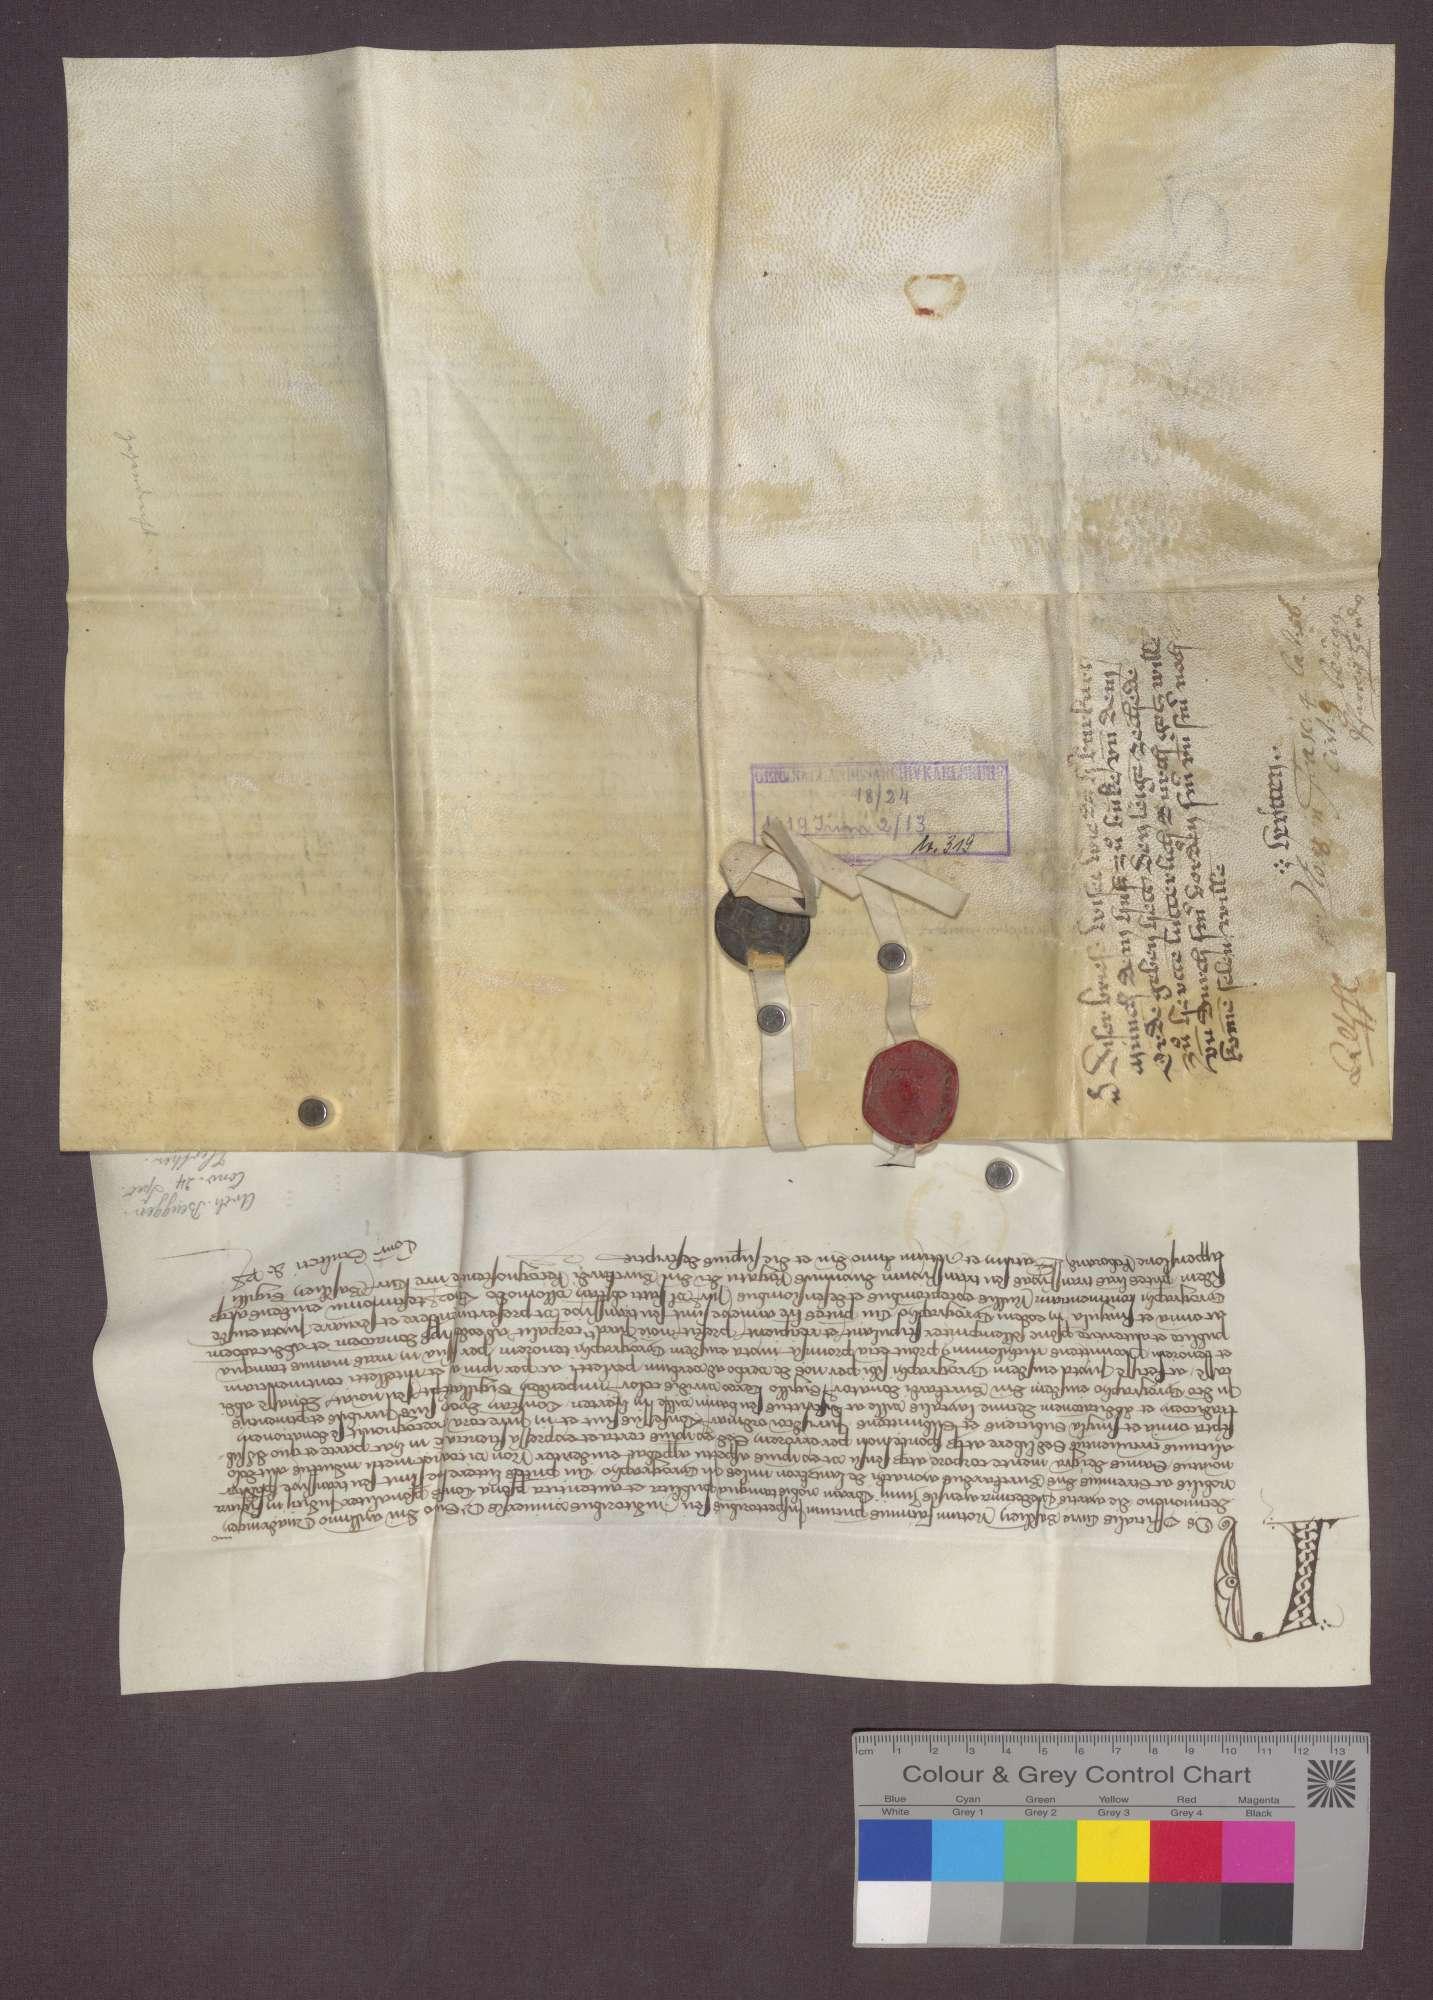 Der Offizial des Basler Hofgerichts bekundet, dass vor ihm der Ritter Burkhard Münch von Landskron die Schenkung des Laienzehnten zu Herten nach Laut der Urkunde vom 2. Juni 1419 öffentlich erklärt hat., Bild 2